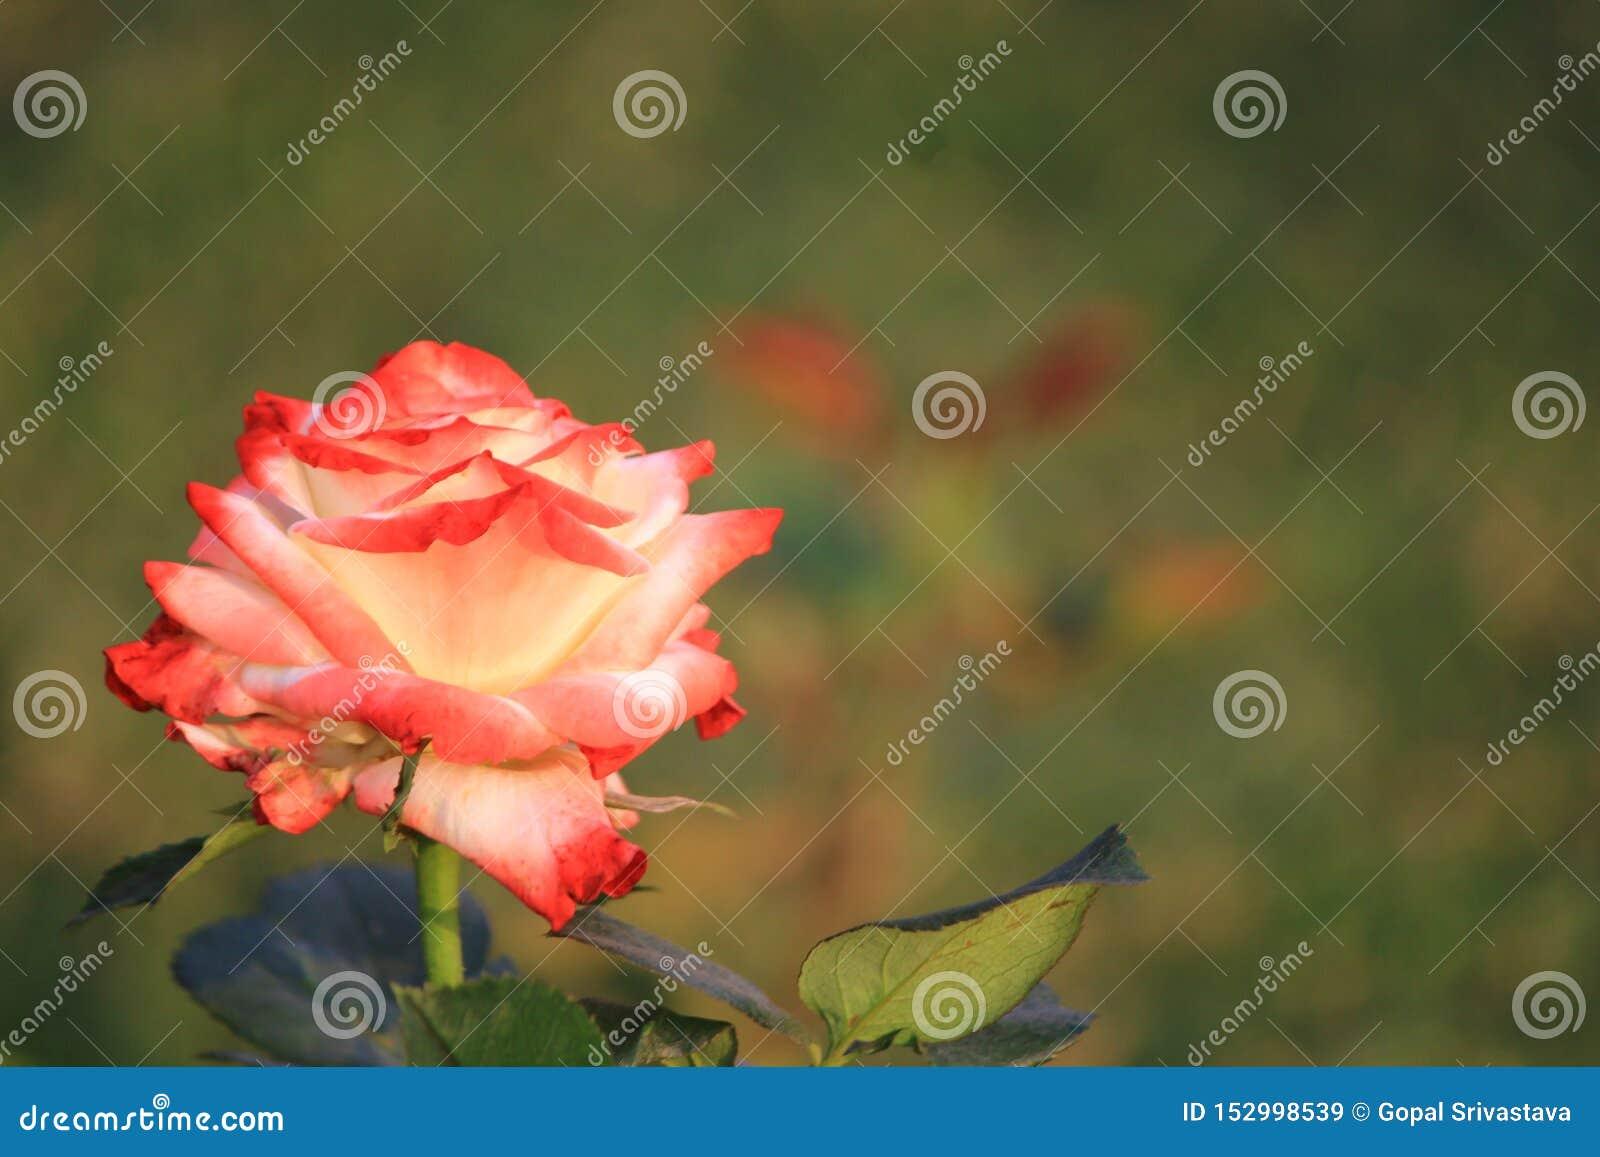 Довольно красочная роза смешанного цвета